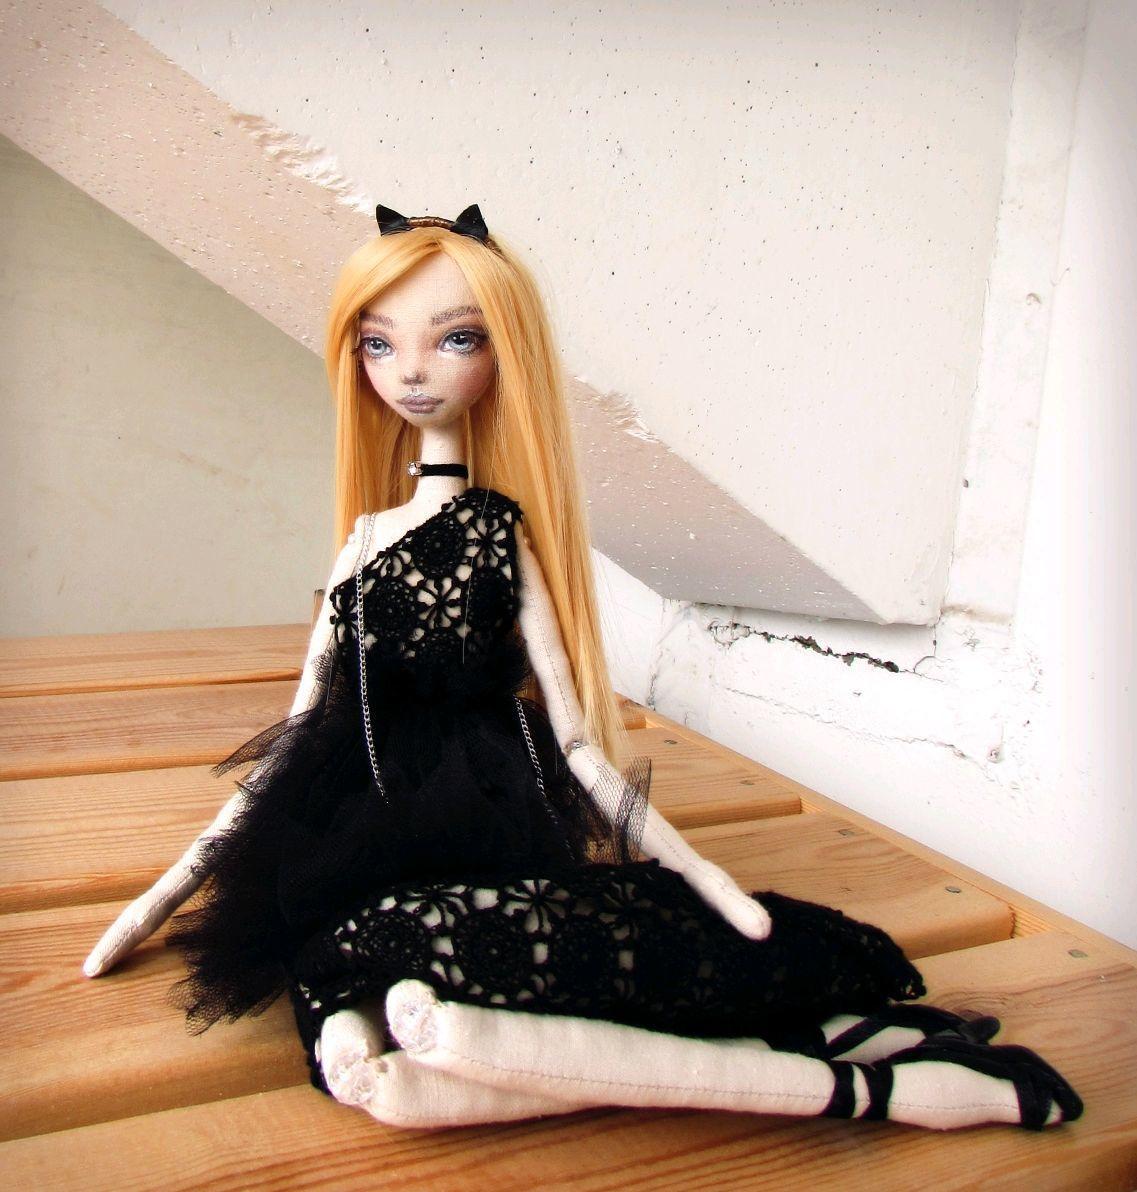 Авторская текстильная кукла. Лера, Куклы и пупсы, Москва,  Фото №1